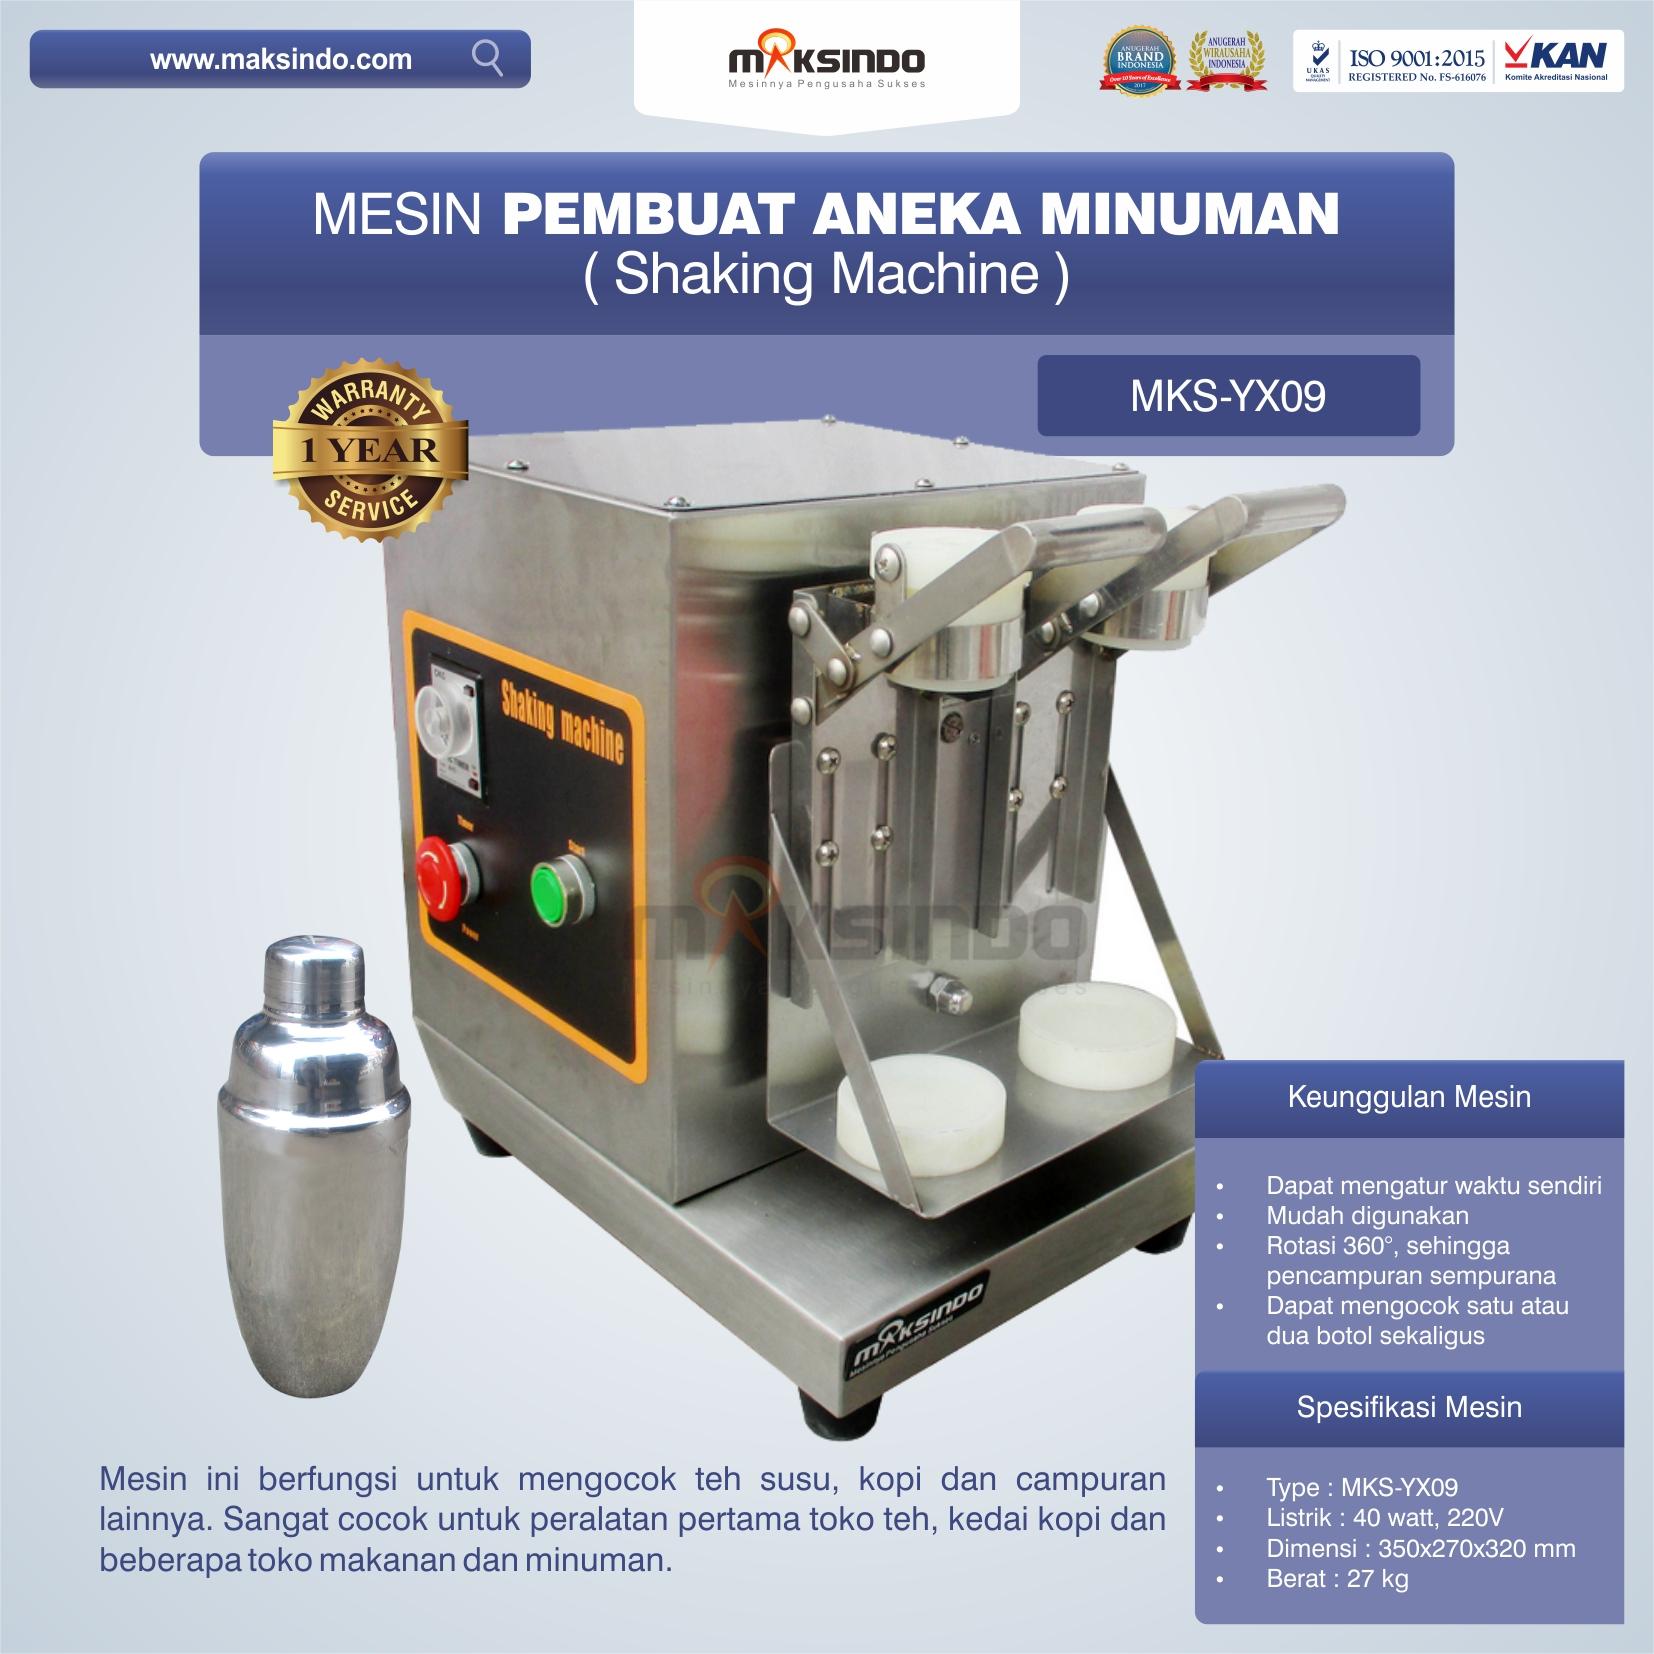 Jual Mesin Pembuat Aneka Minuman (Shaking Machine) MKS-YX09 di Tangerang